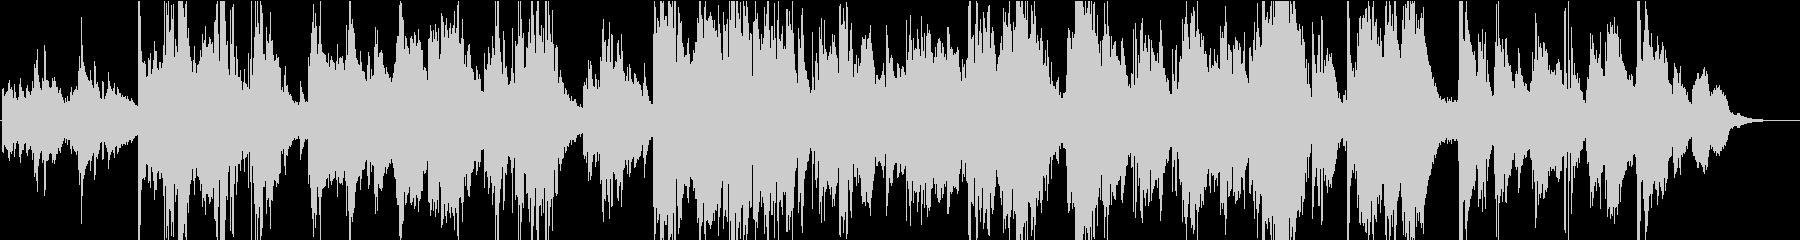 ピアノの遠隔ベース、ルバトバラード...の未再生の波形